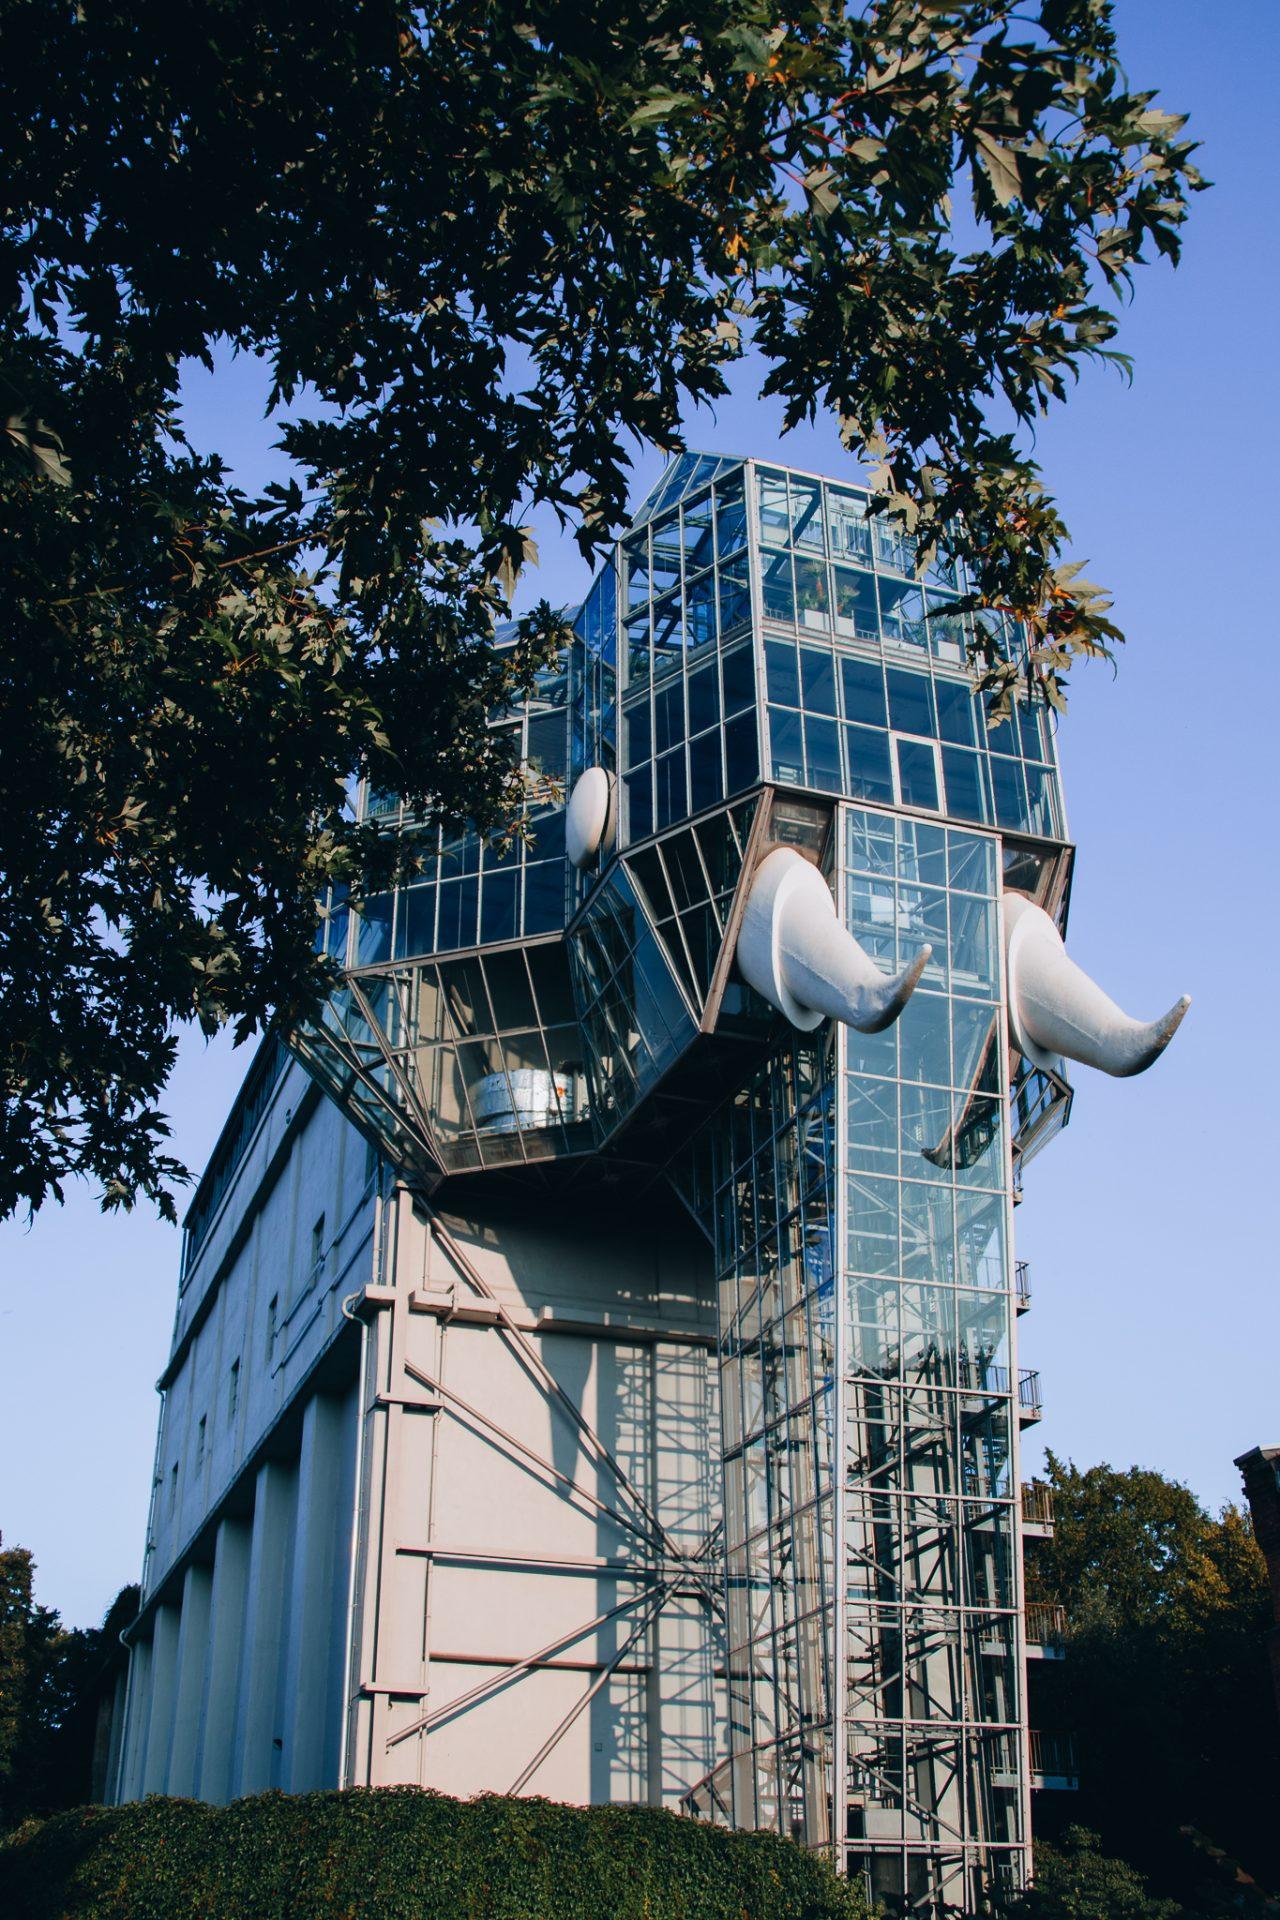 Sehenswürdigkeiten-Hamm-Glaselefant-Maxipark